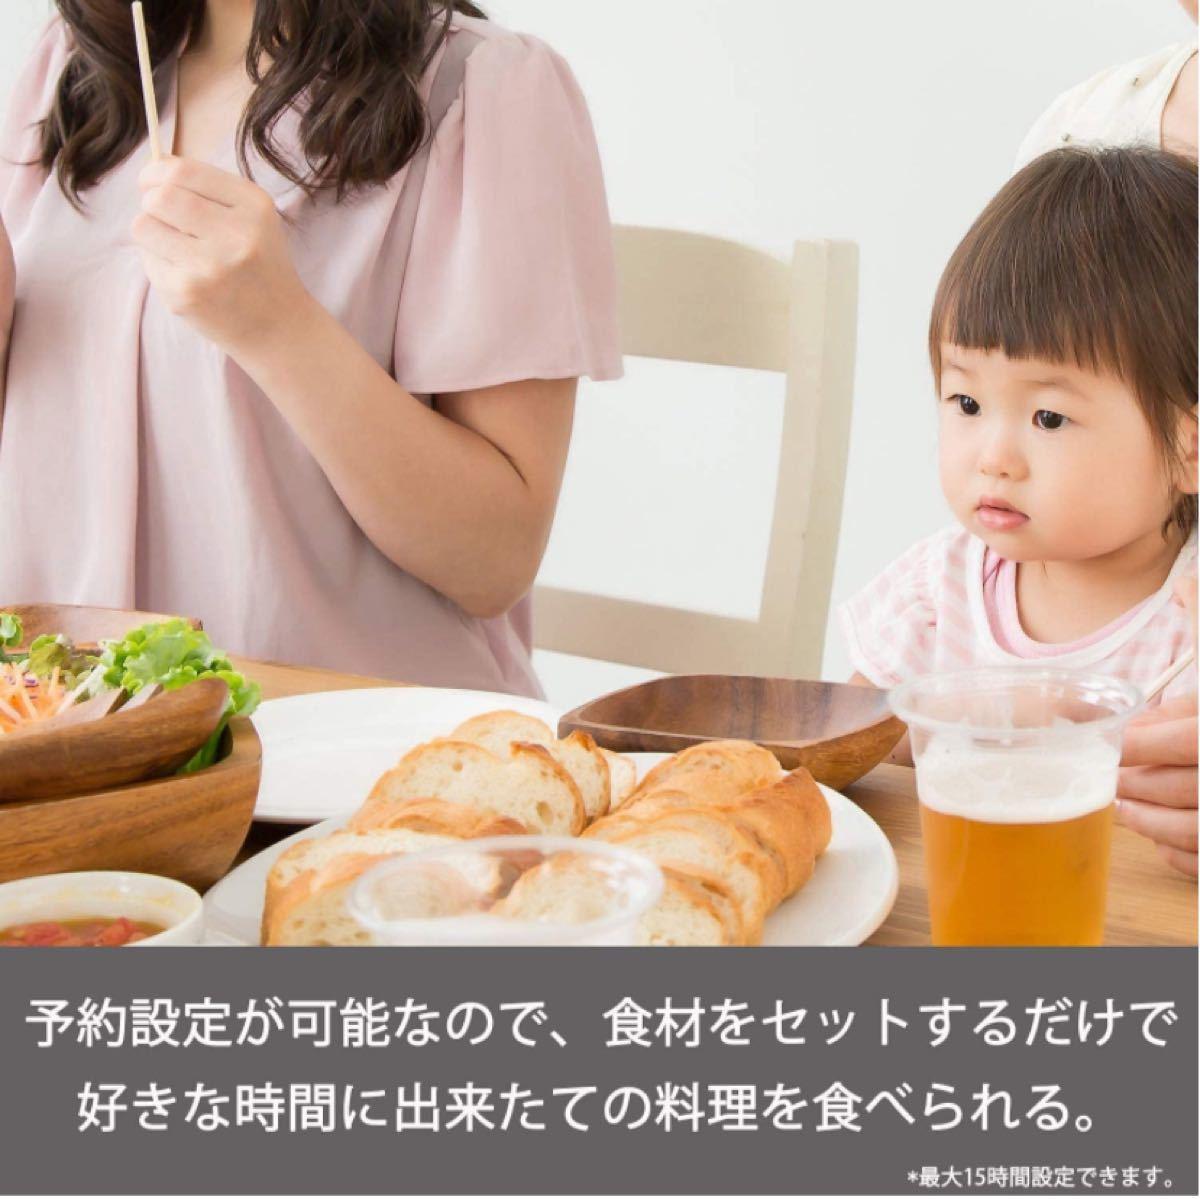 ホームベーカリー タイマー付き パン作り 19メニュー レシピ付き